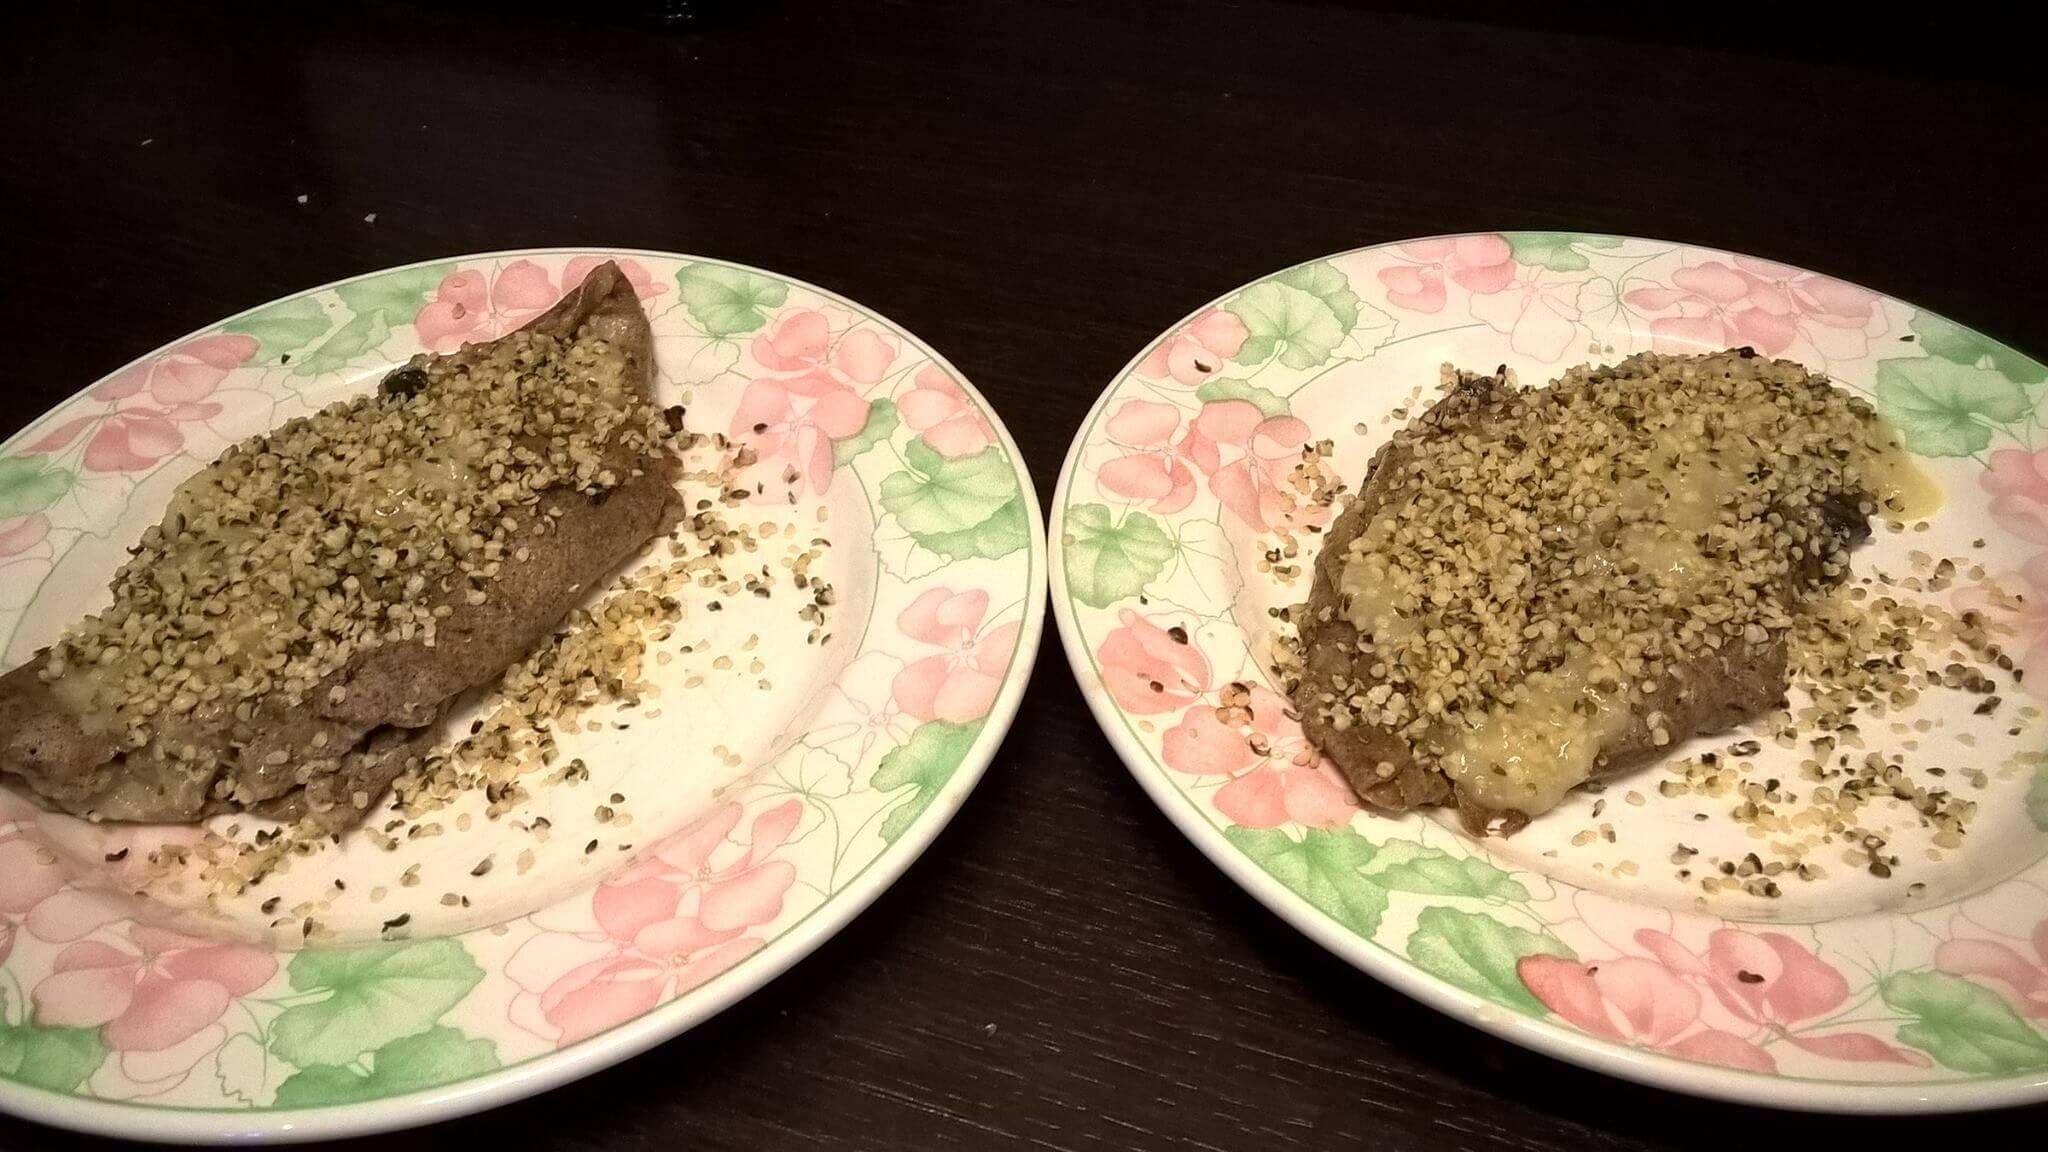 Crespelle di canapa ai funghi con salsa ai funghi e semi di canapa decorticati